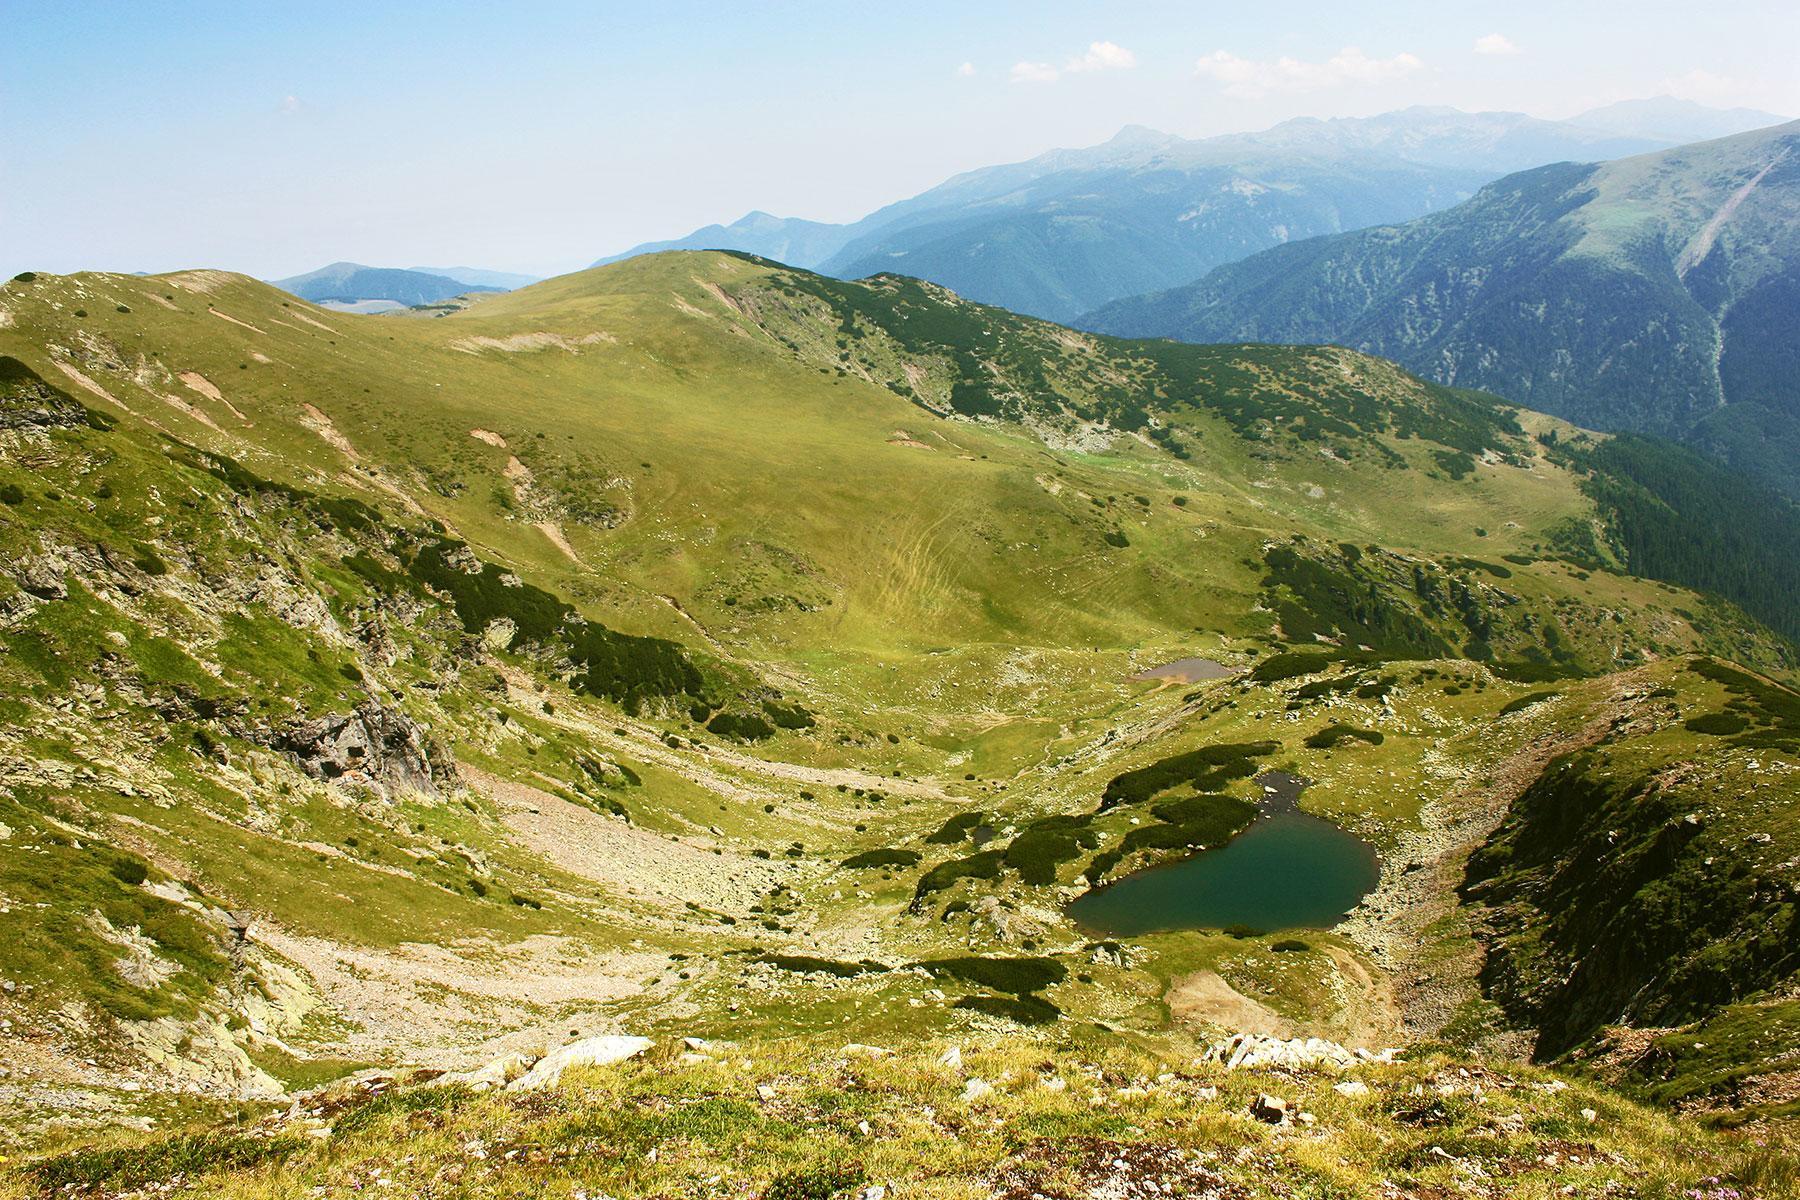 paranormal mountain_Transylvania_Gugu Peak